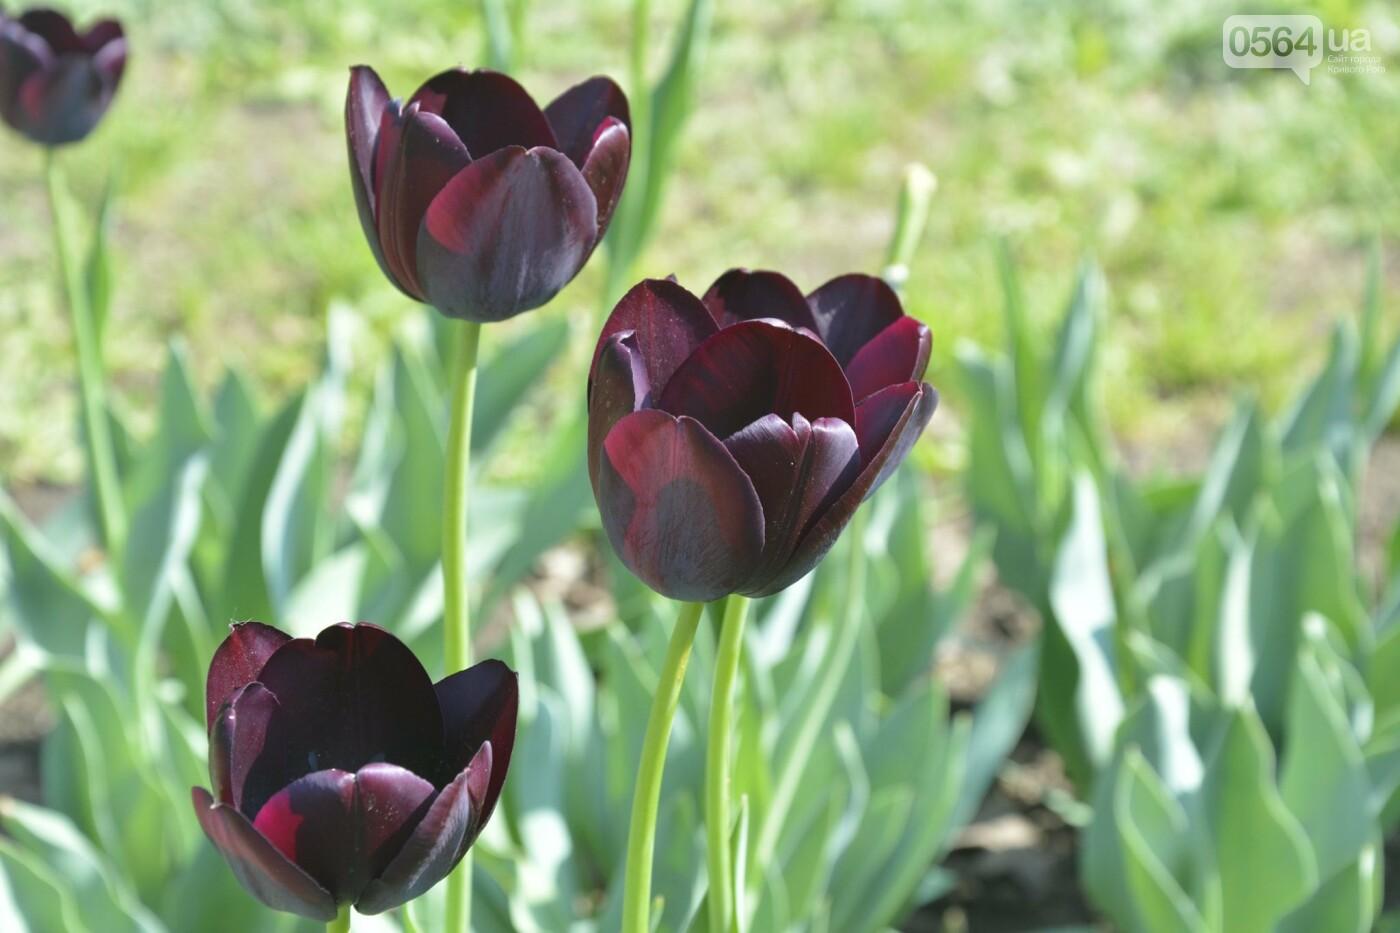 """Коллекция сирени, тюльпан """"Черный кофе"""", барбарис, - как выглядит Криворожский ботанический сад сегодня, - ФОТО, фото-8"""